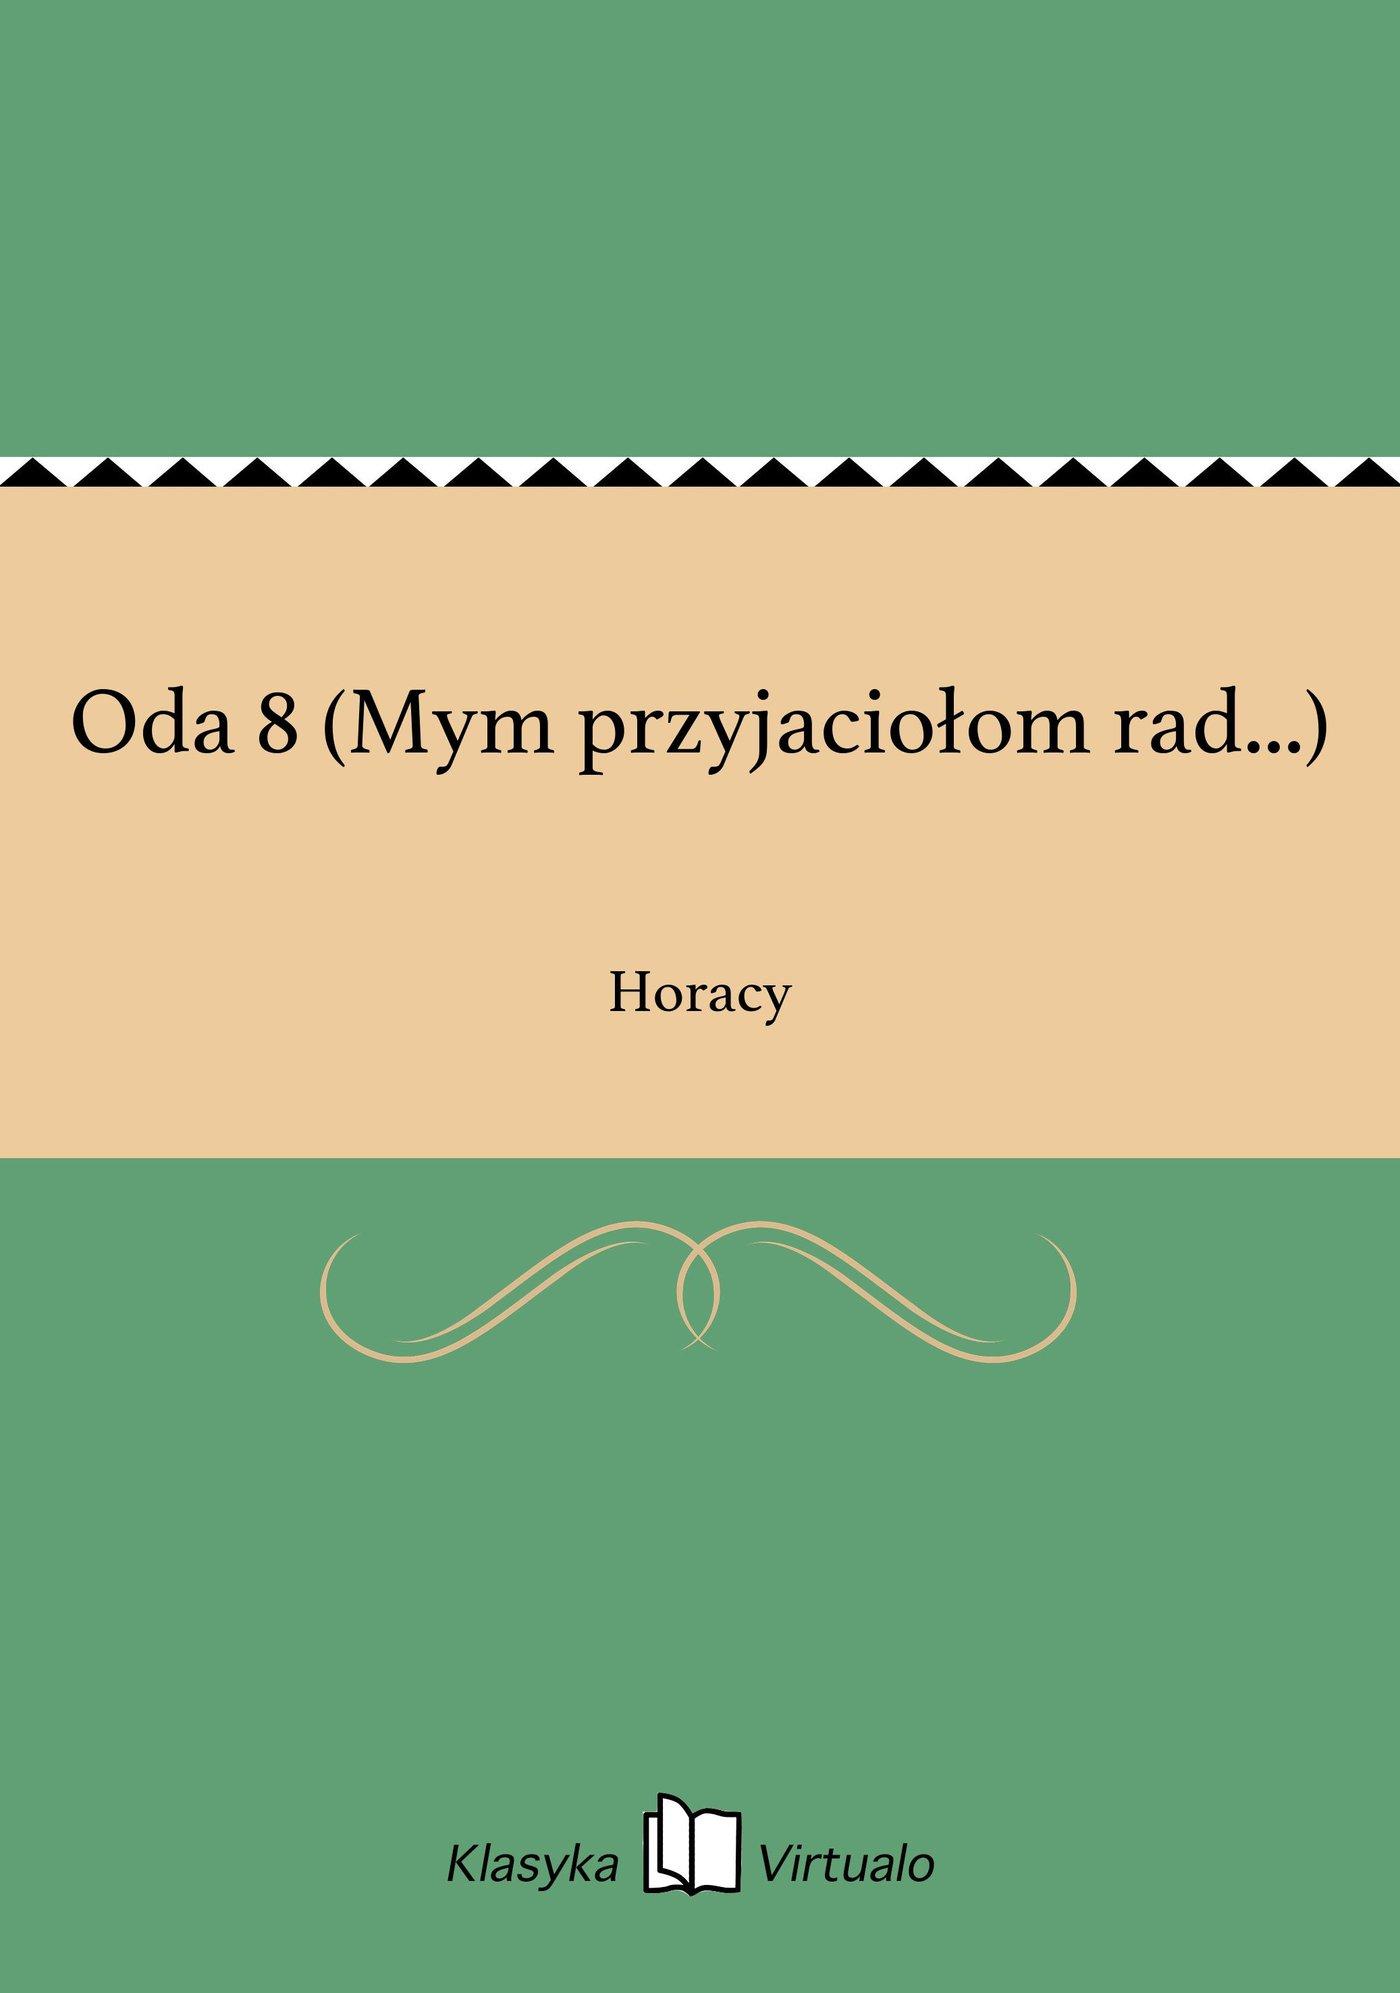 Oda 8 (Mym przyjaciołom rad...) - Ebook (Książka EPUB) do pobrania w formacie EPUB